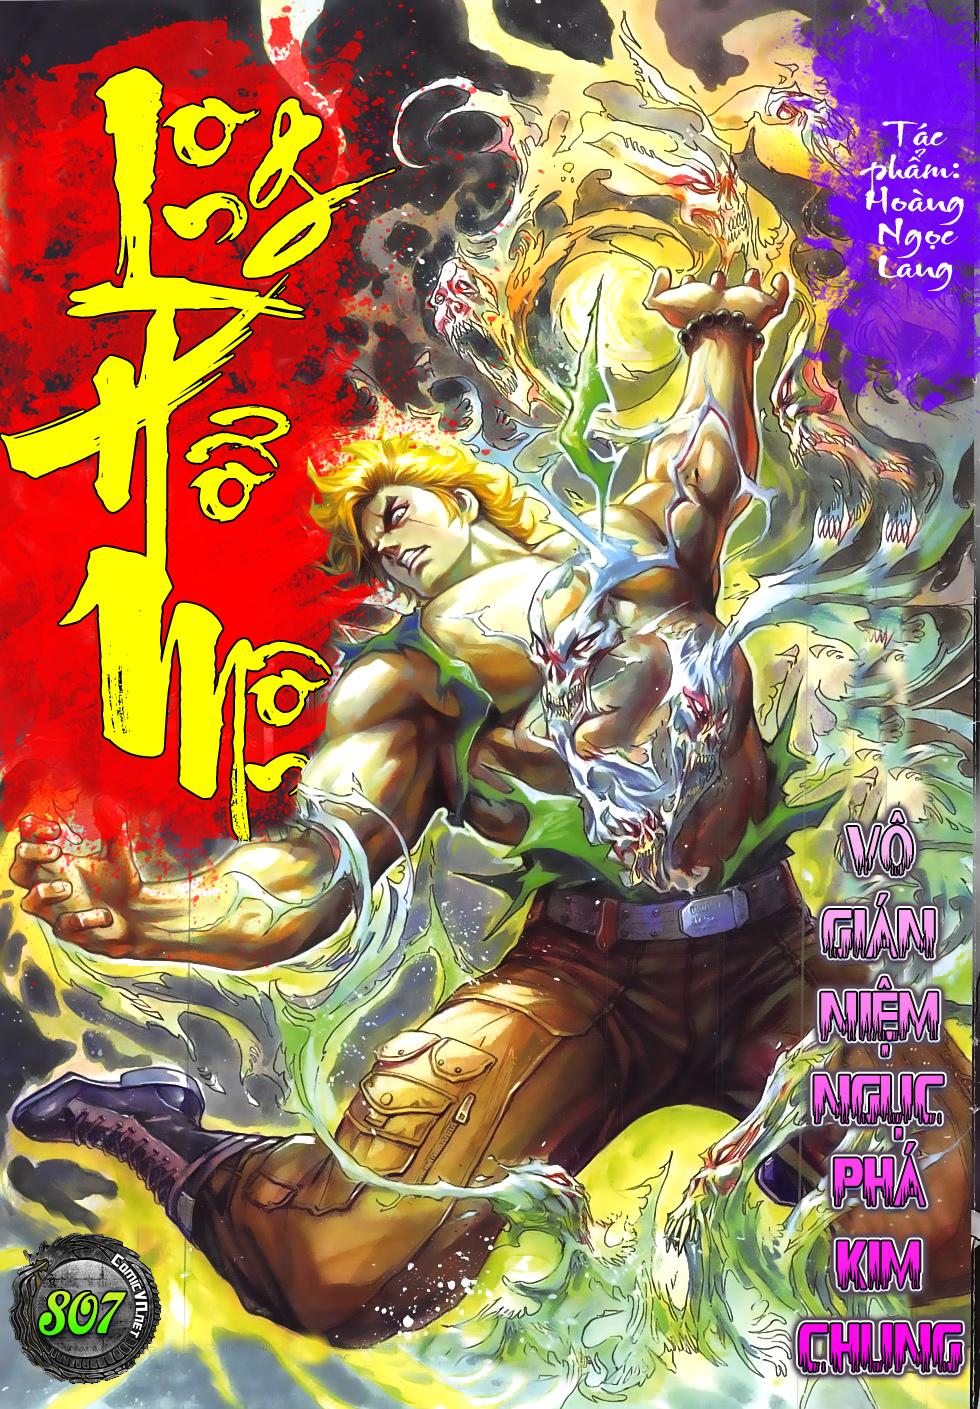 Tân Tác Long Hổ Môn chap 807 Trang 1 - Mangak.info